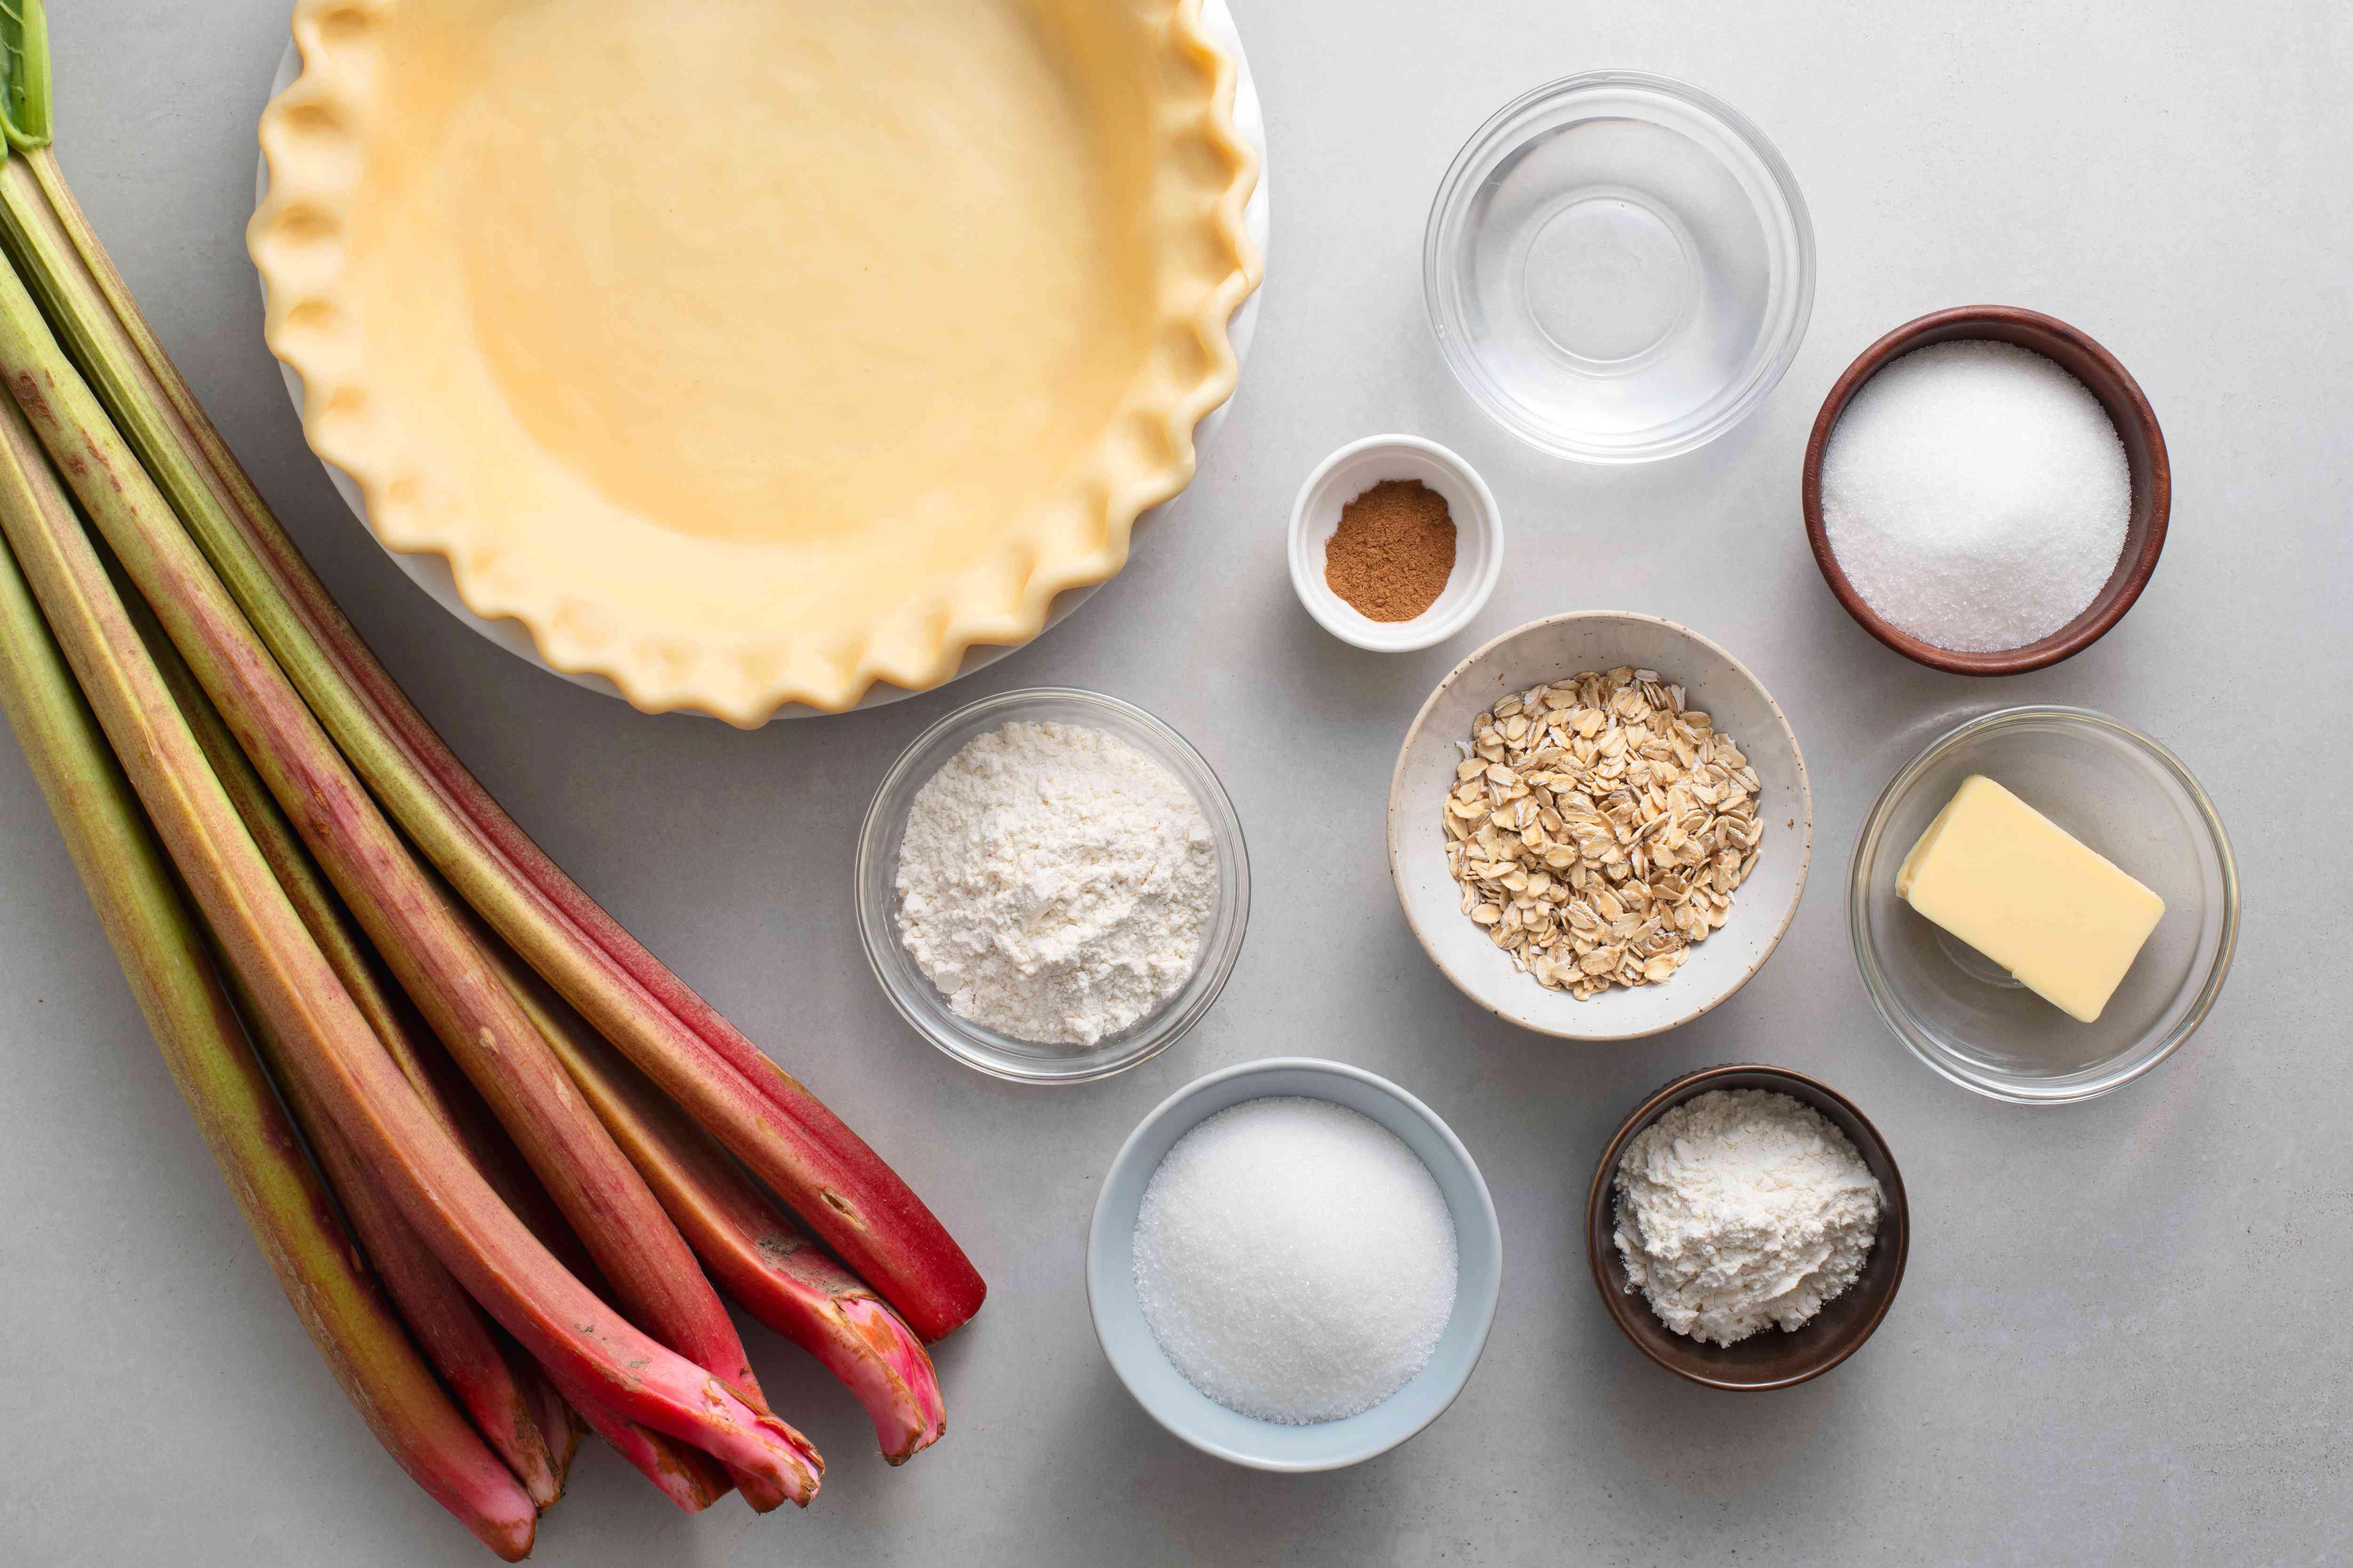 Rhubarb Crumble Pie ingredients